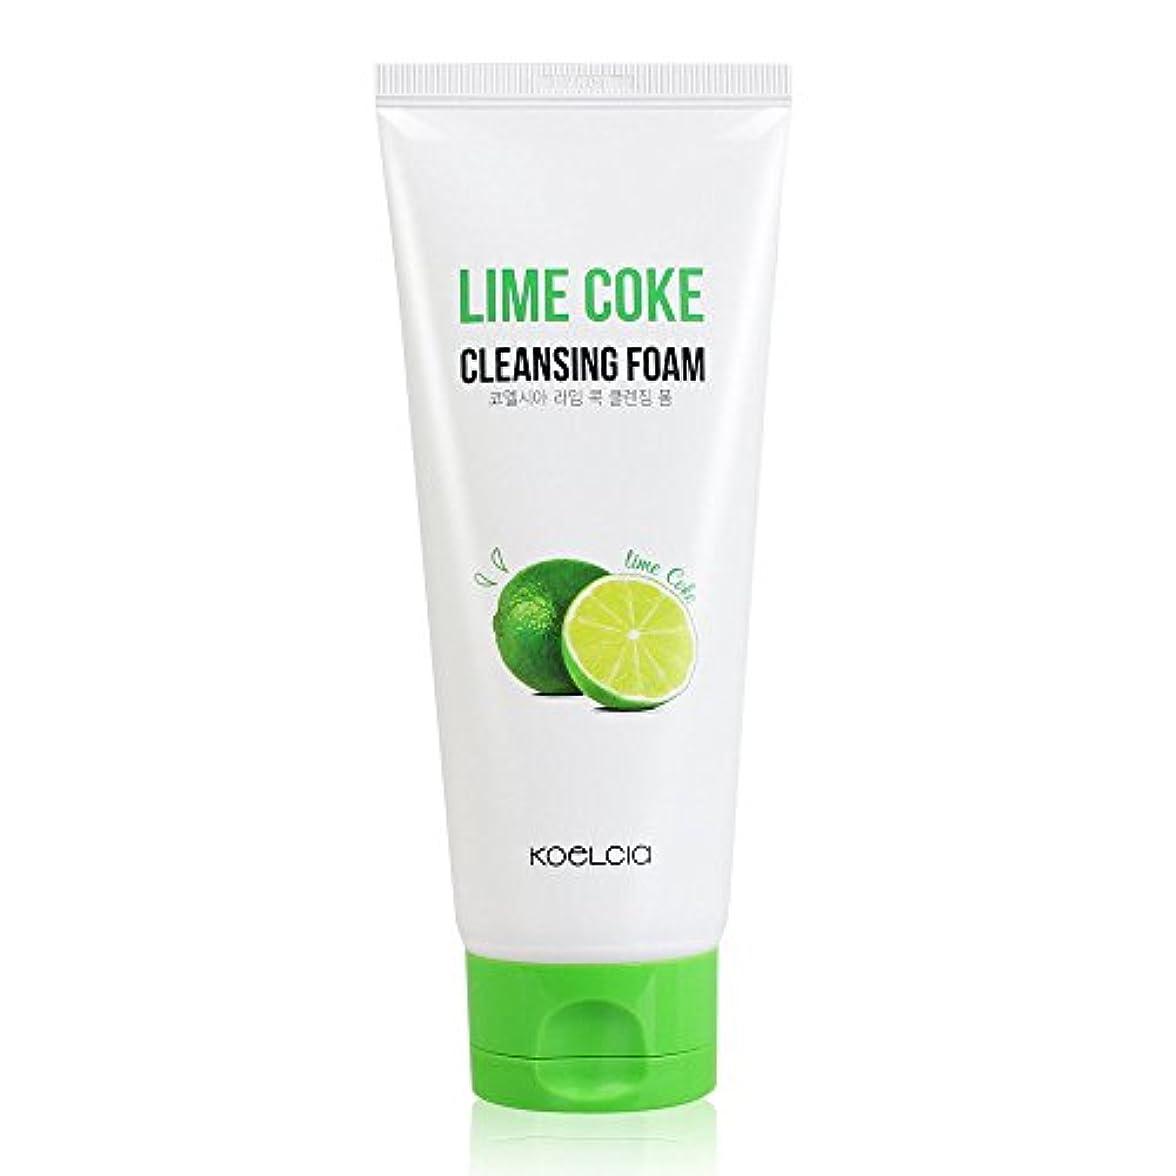 今後ミュージカル欠陥KOELCIA Lime Coke Cleansing Foam 120ml/コエルシア ライム コーク クレンジングフォーム 120ml [並行輸入品]